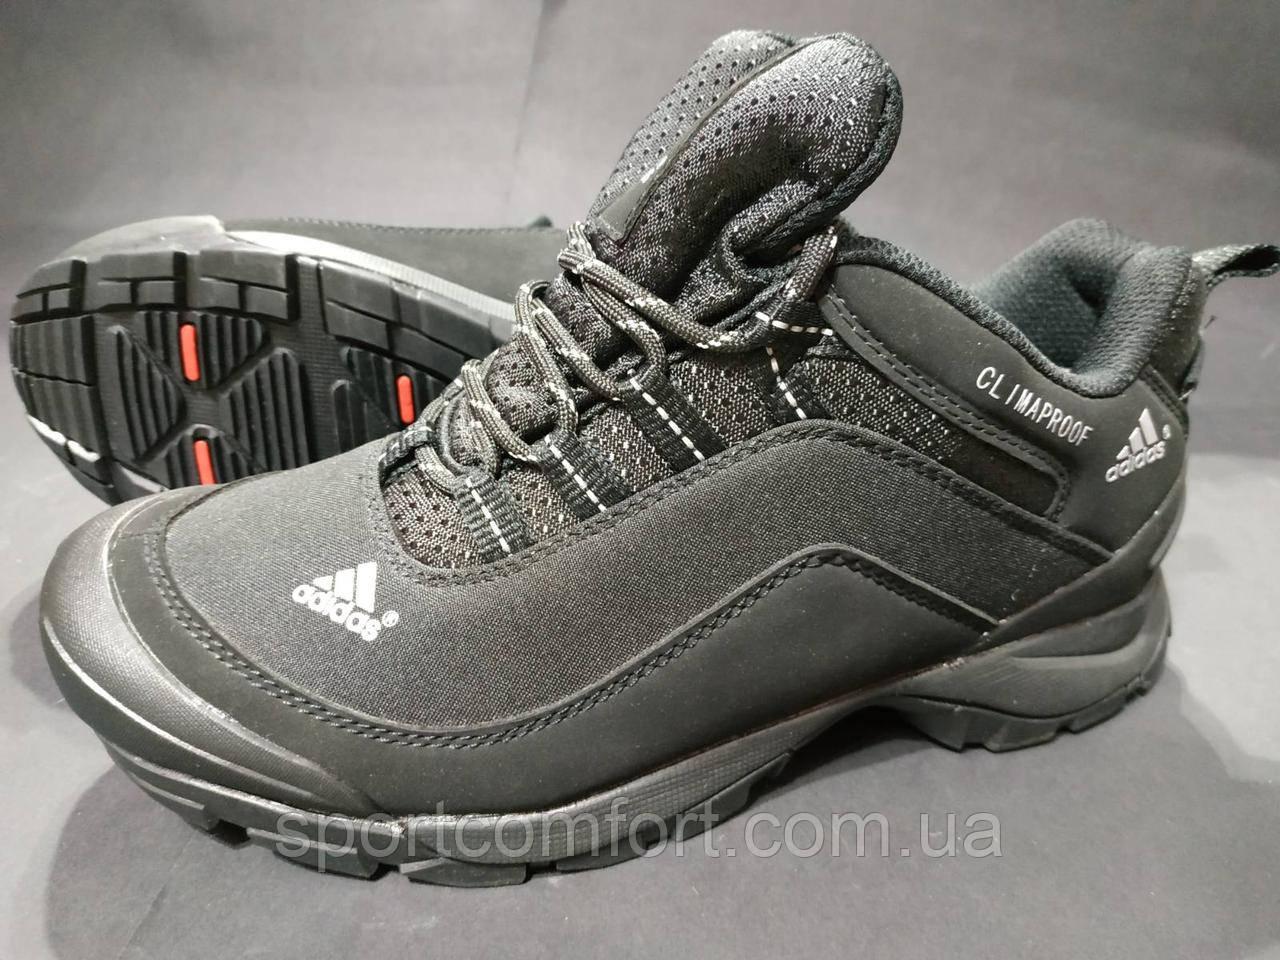 Кросівки термо чоловічі Adidas Climaproof чорні